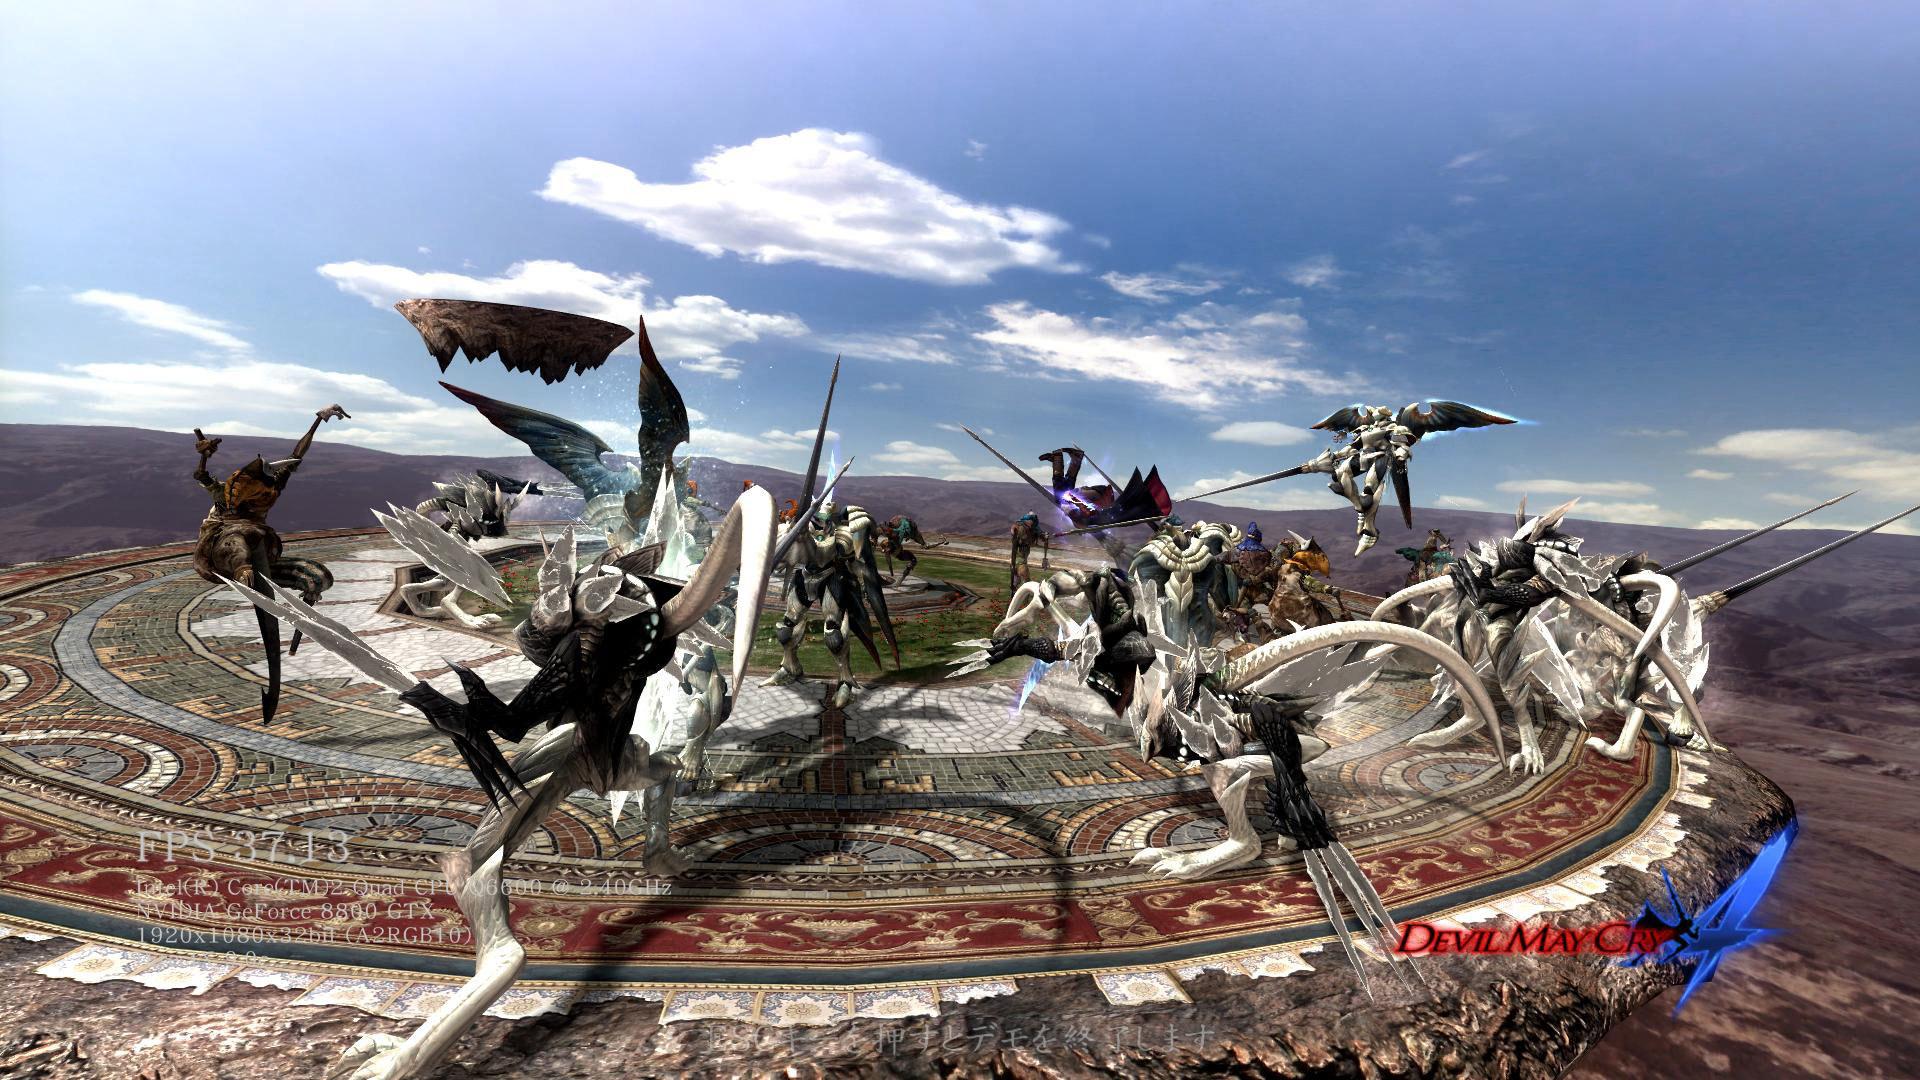 Devil May Cry 4 Screenshot 2